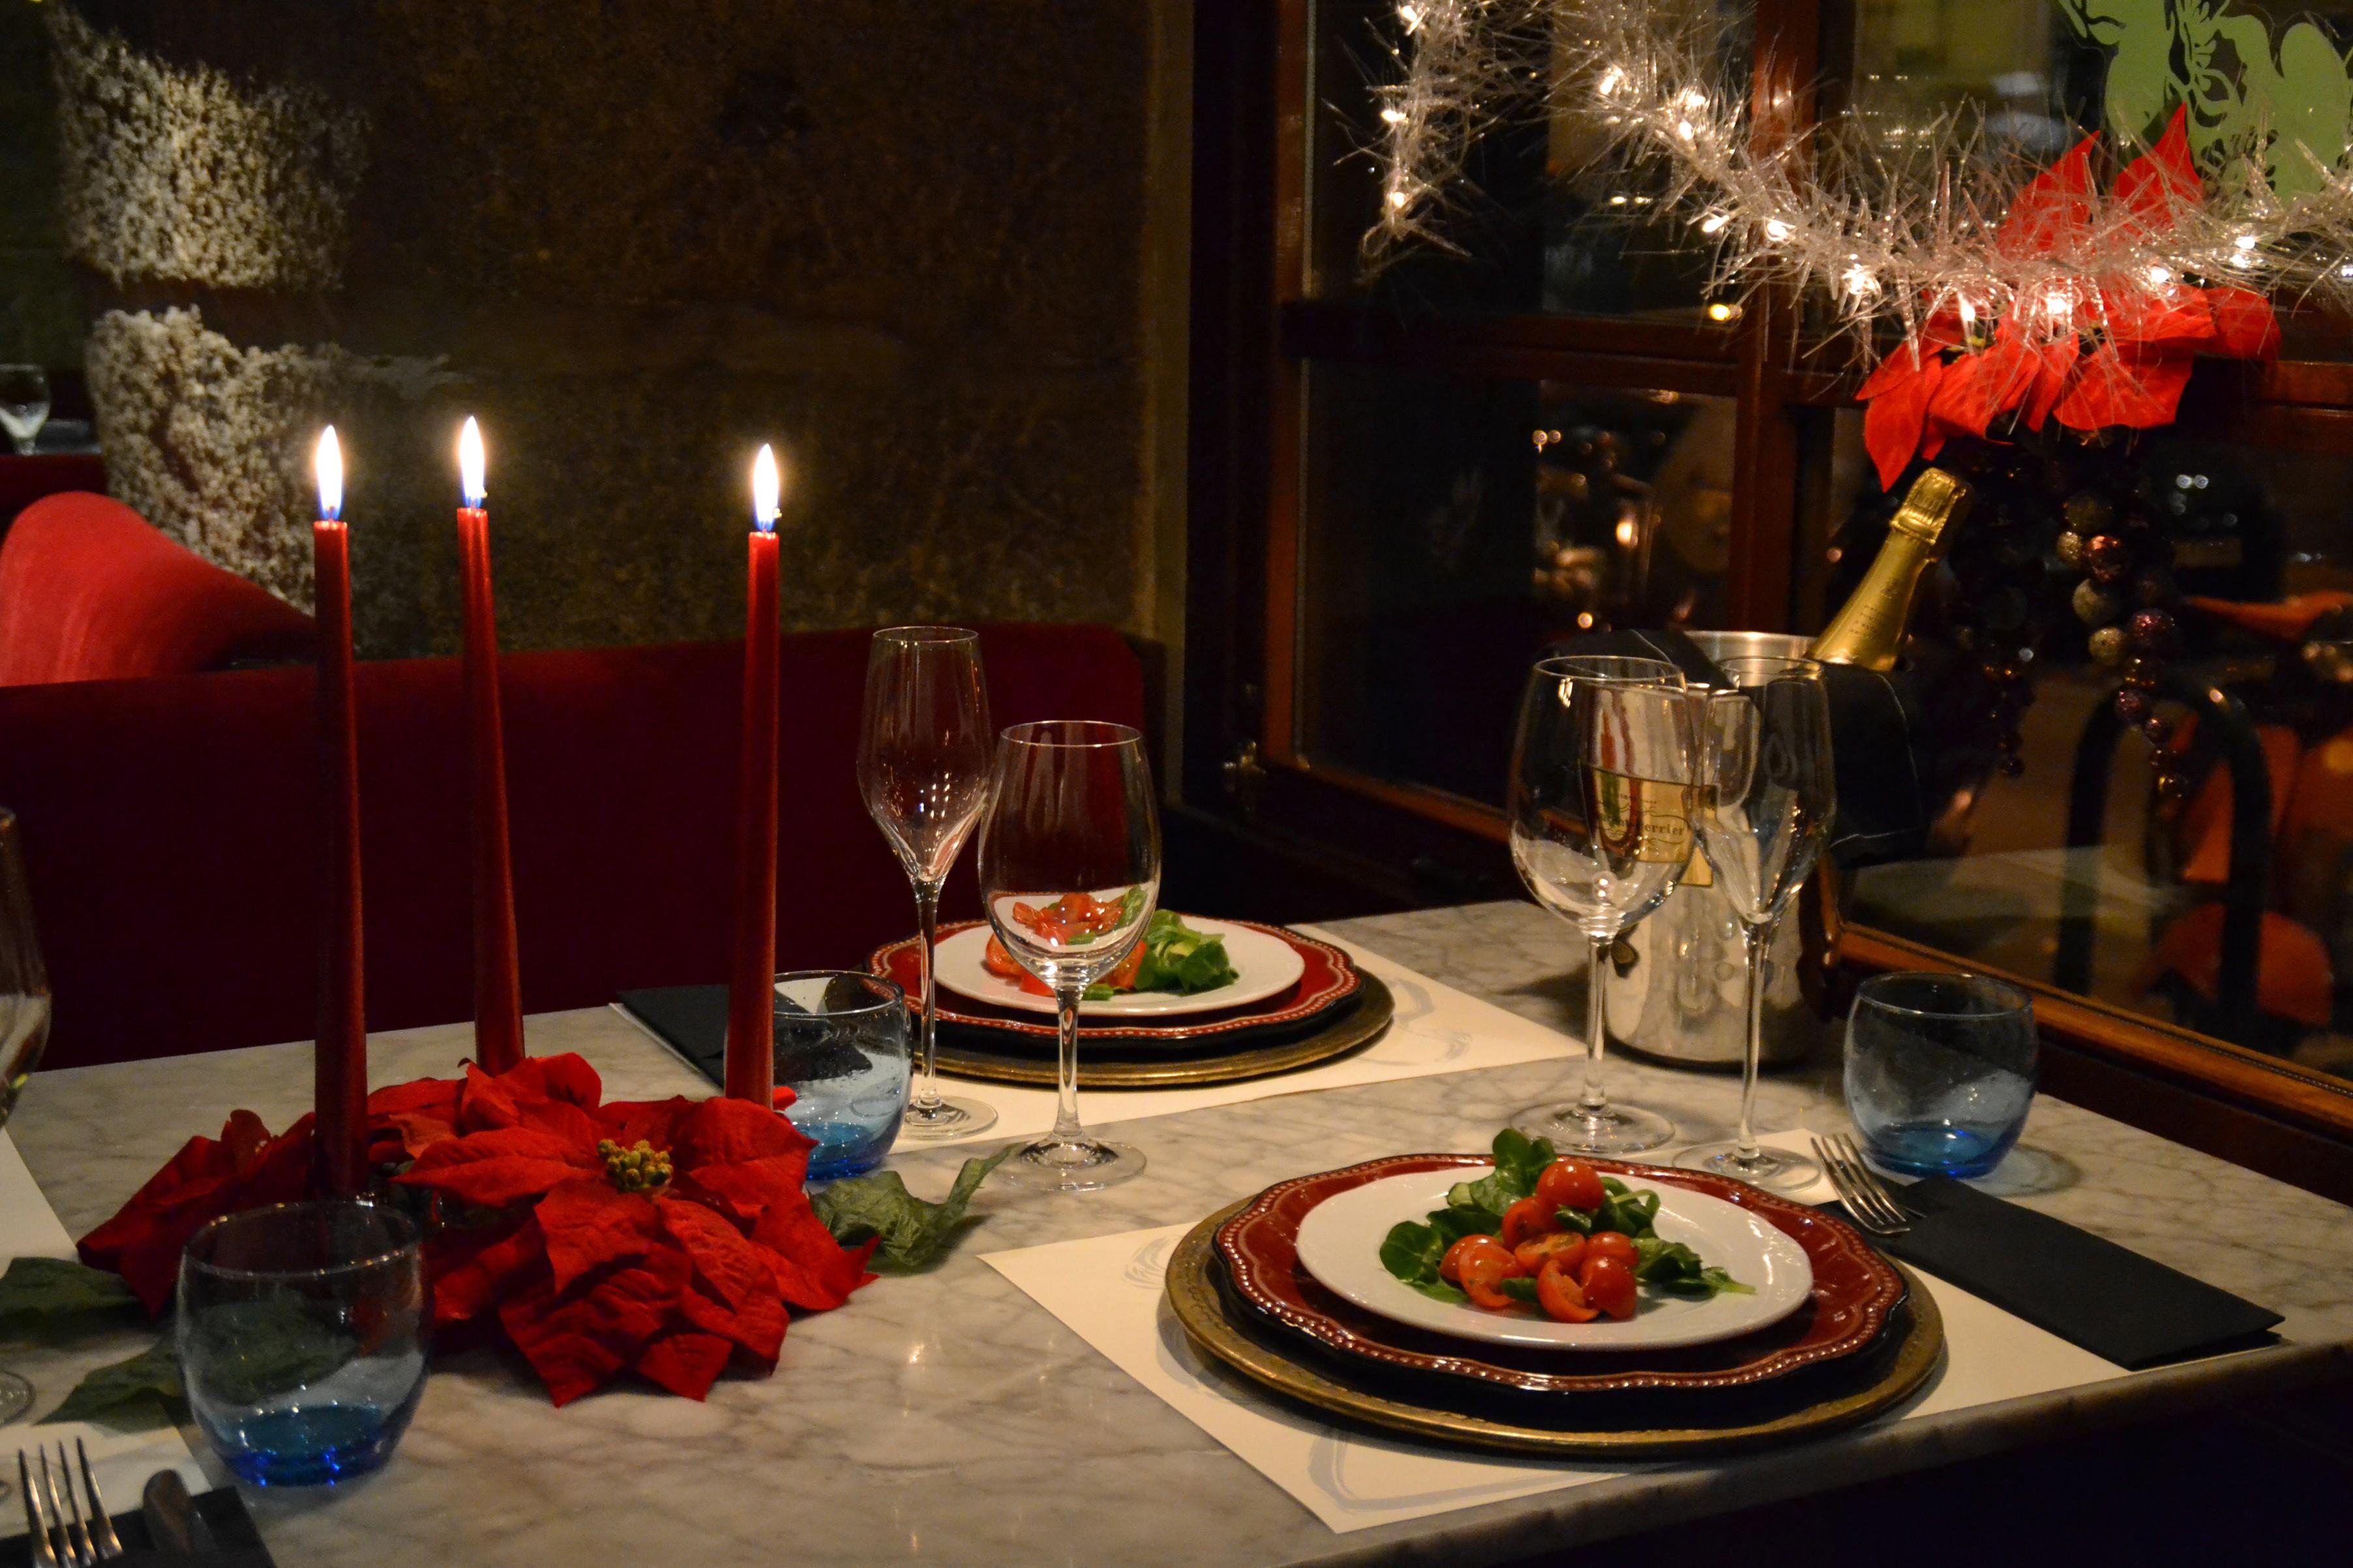 Cafe oliver mesa navidad - Mesa de navidad decorada ...